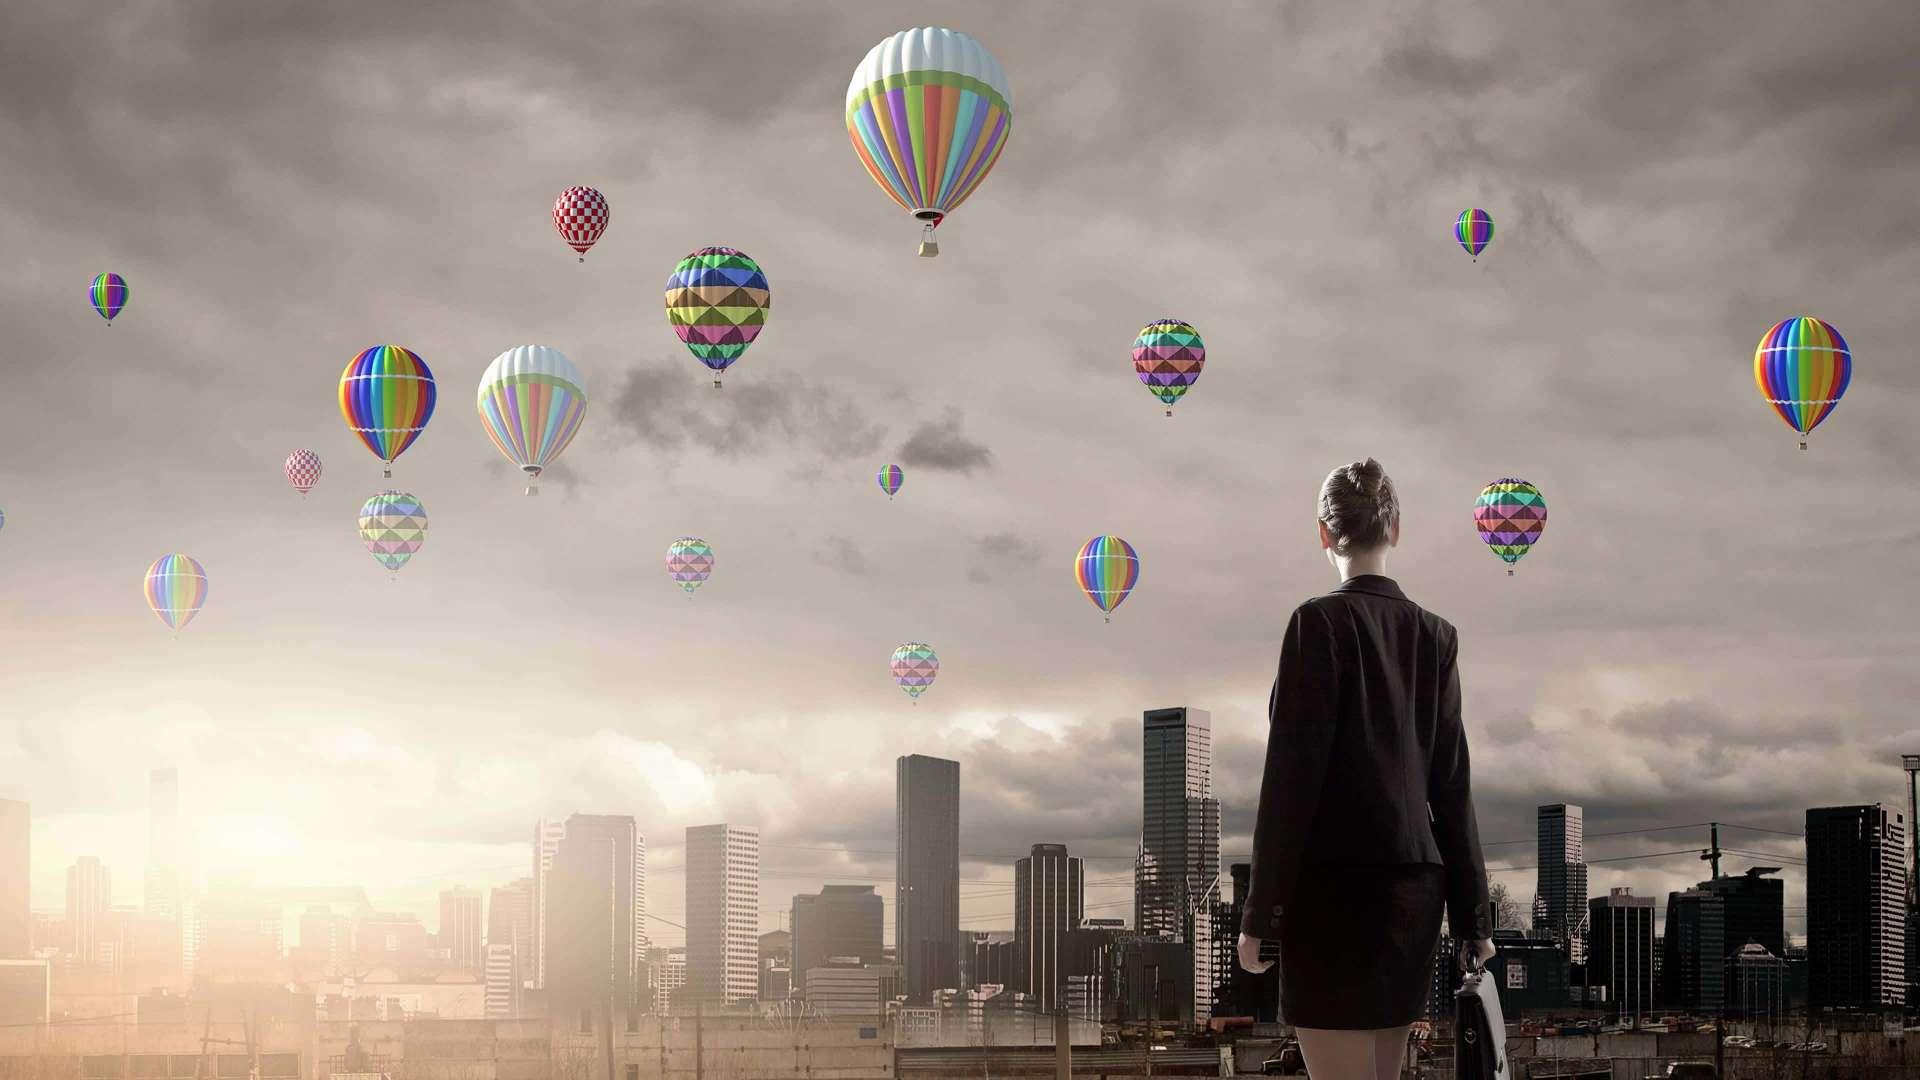 Skyline_balloons3840x2160-pixels-min